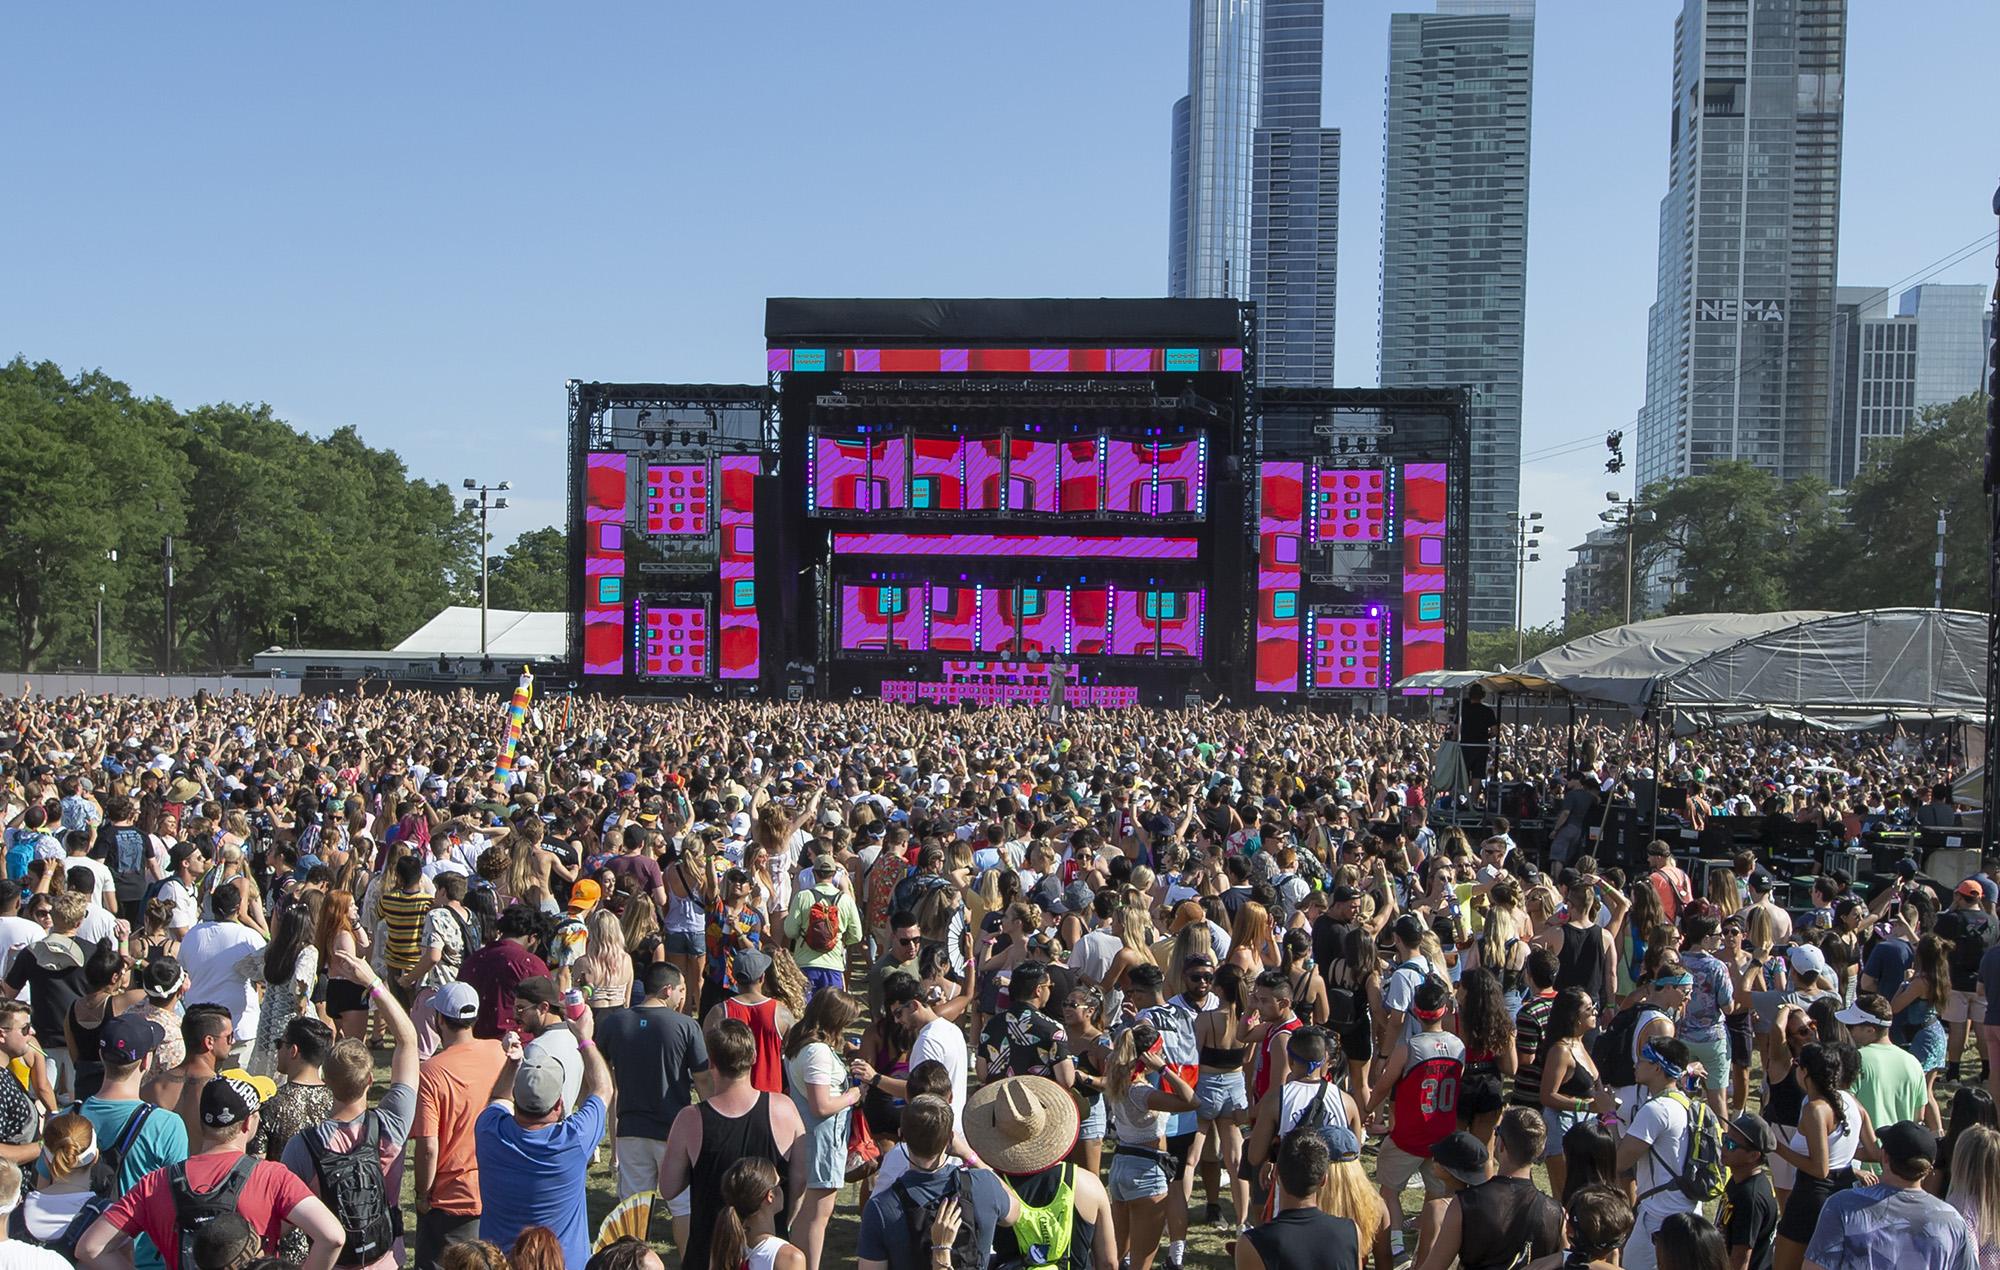 Lollapalooza in 2019